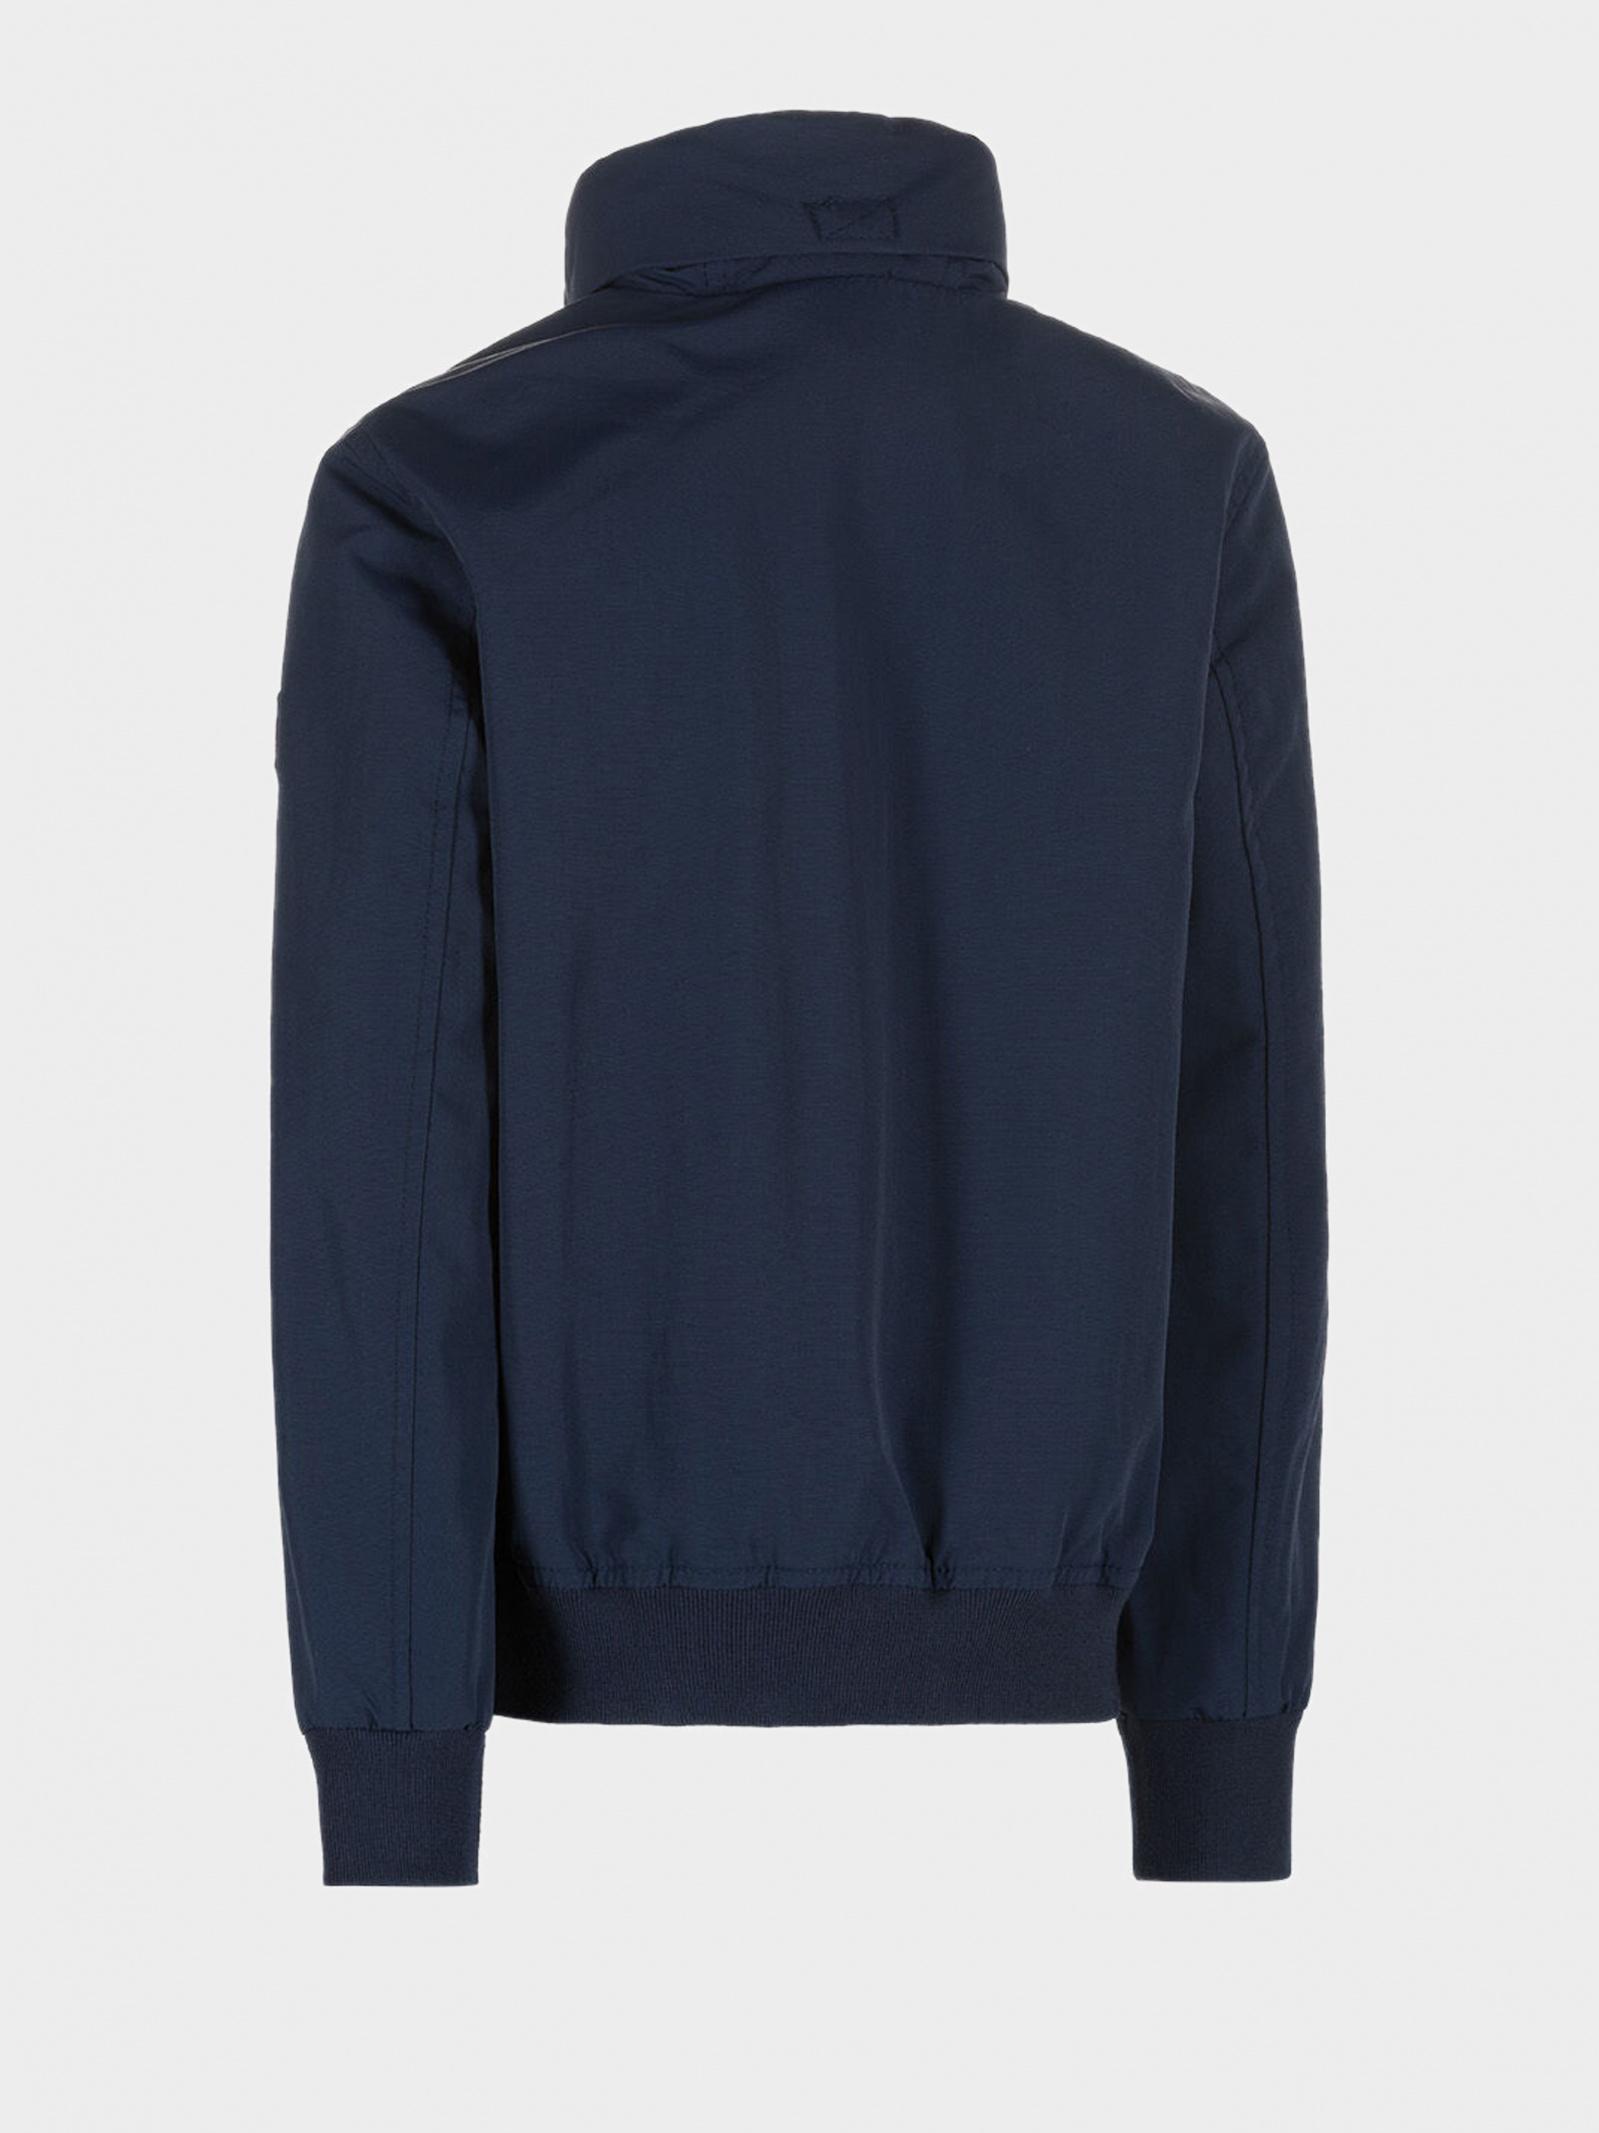 Кофты и свитера детские Tommy Hilfiger модель TC1502 купить, 2017